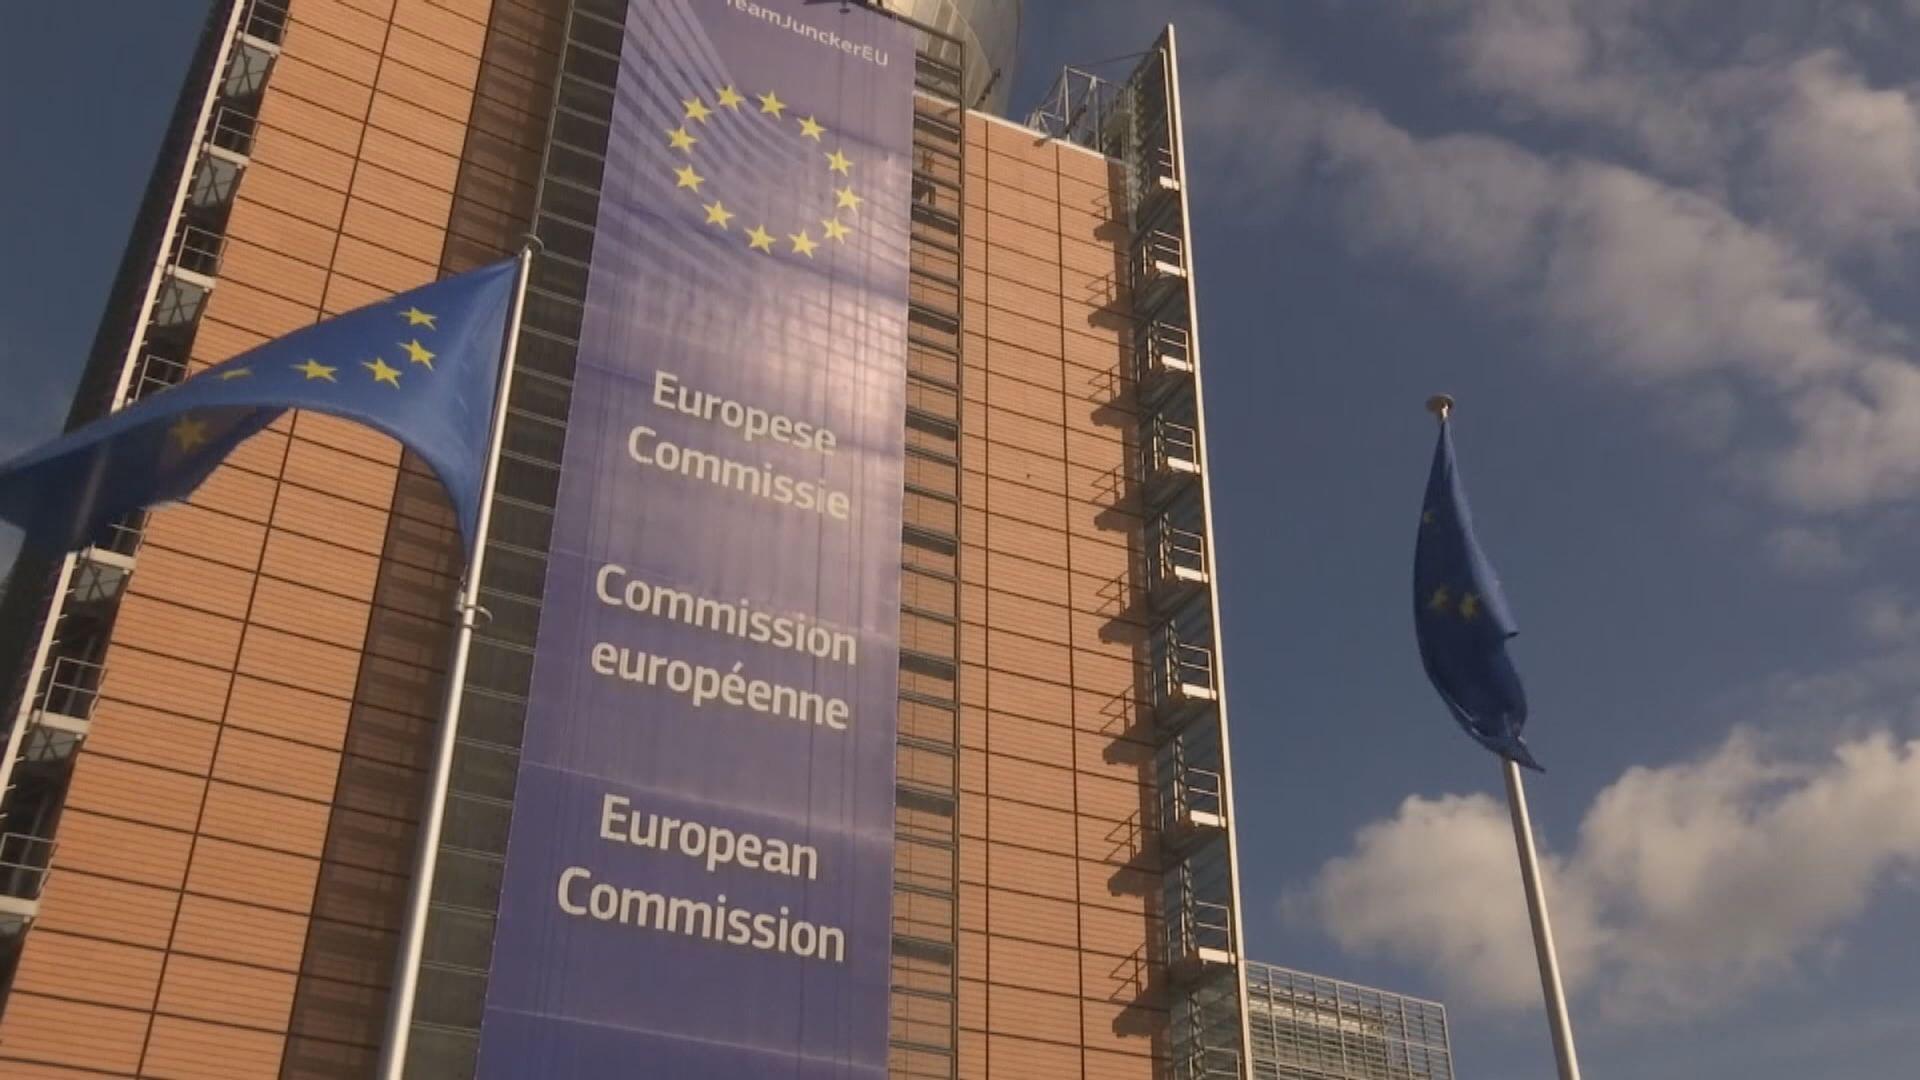 歐盟未就開放旅客入境國家名單達成共識